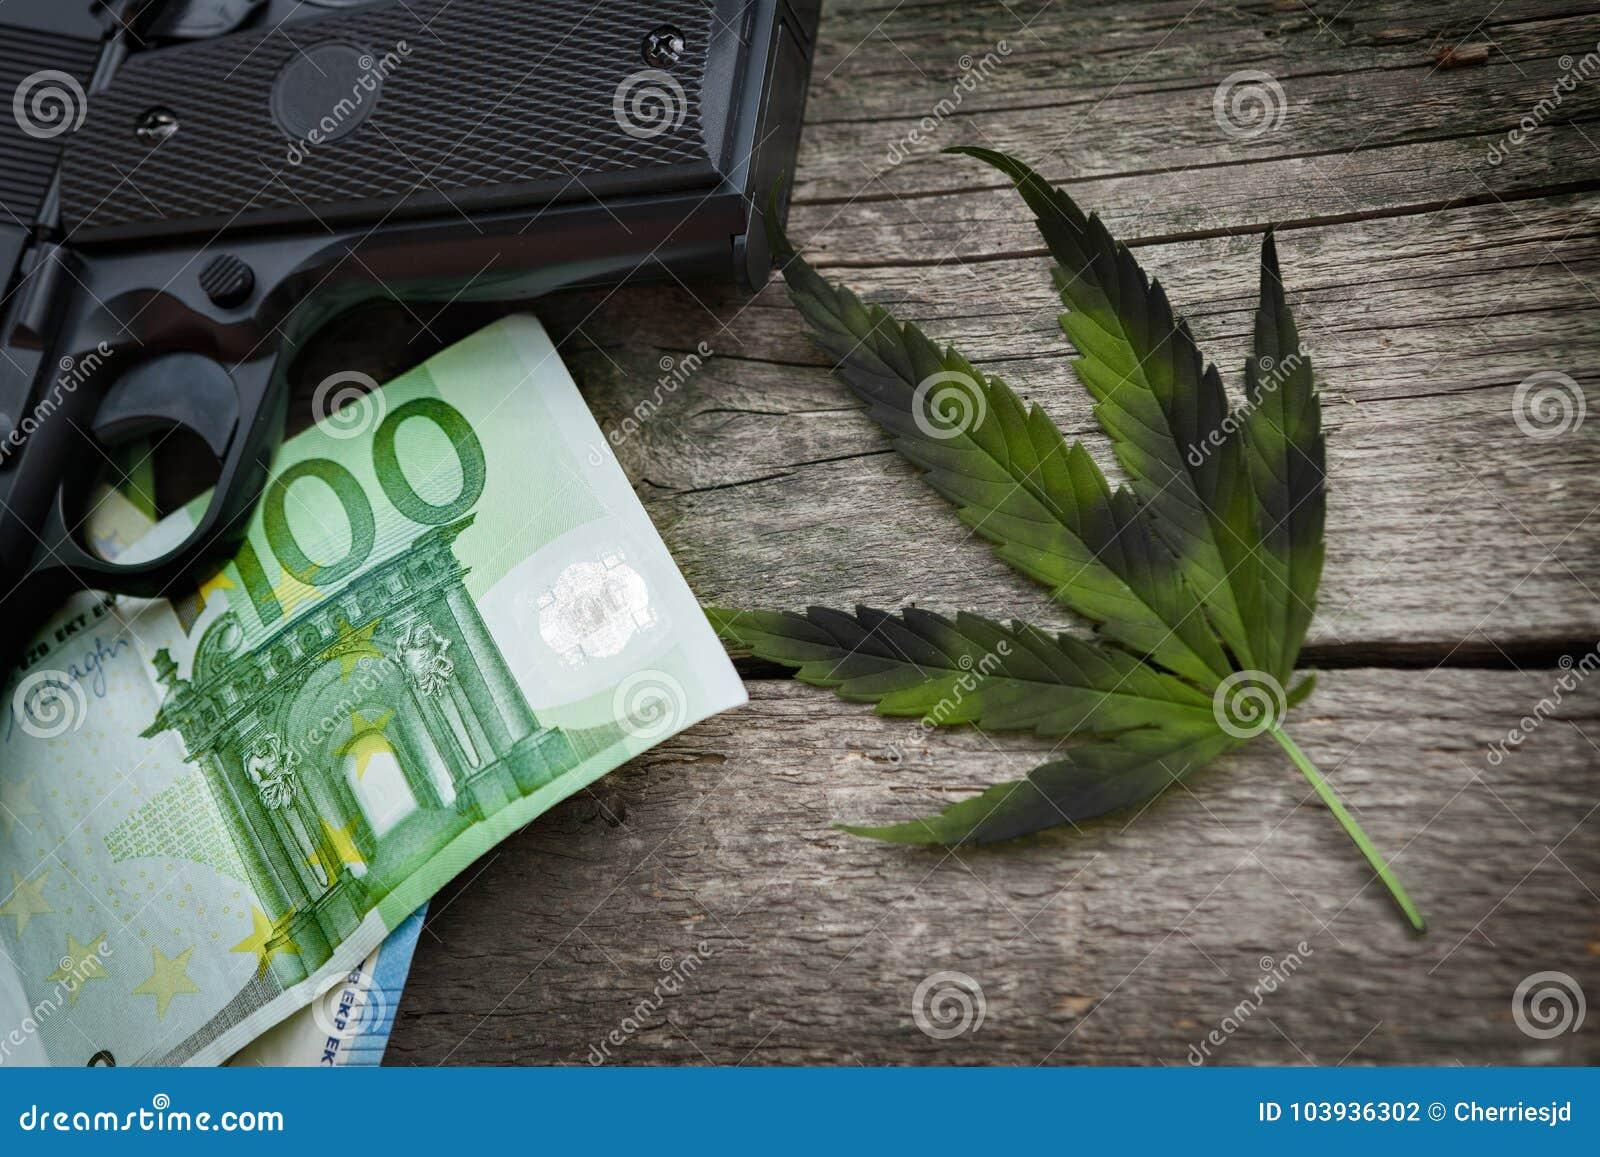 Negócio ilegal com droga